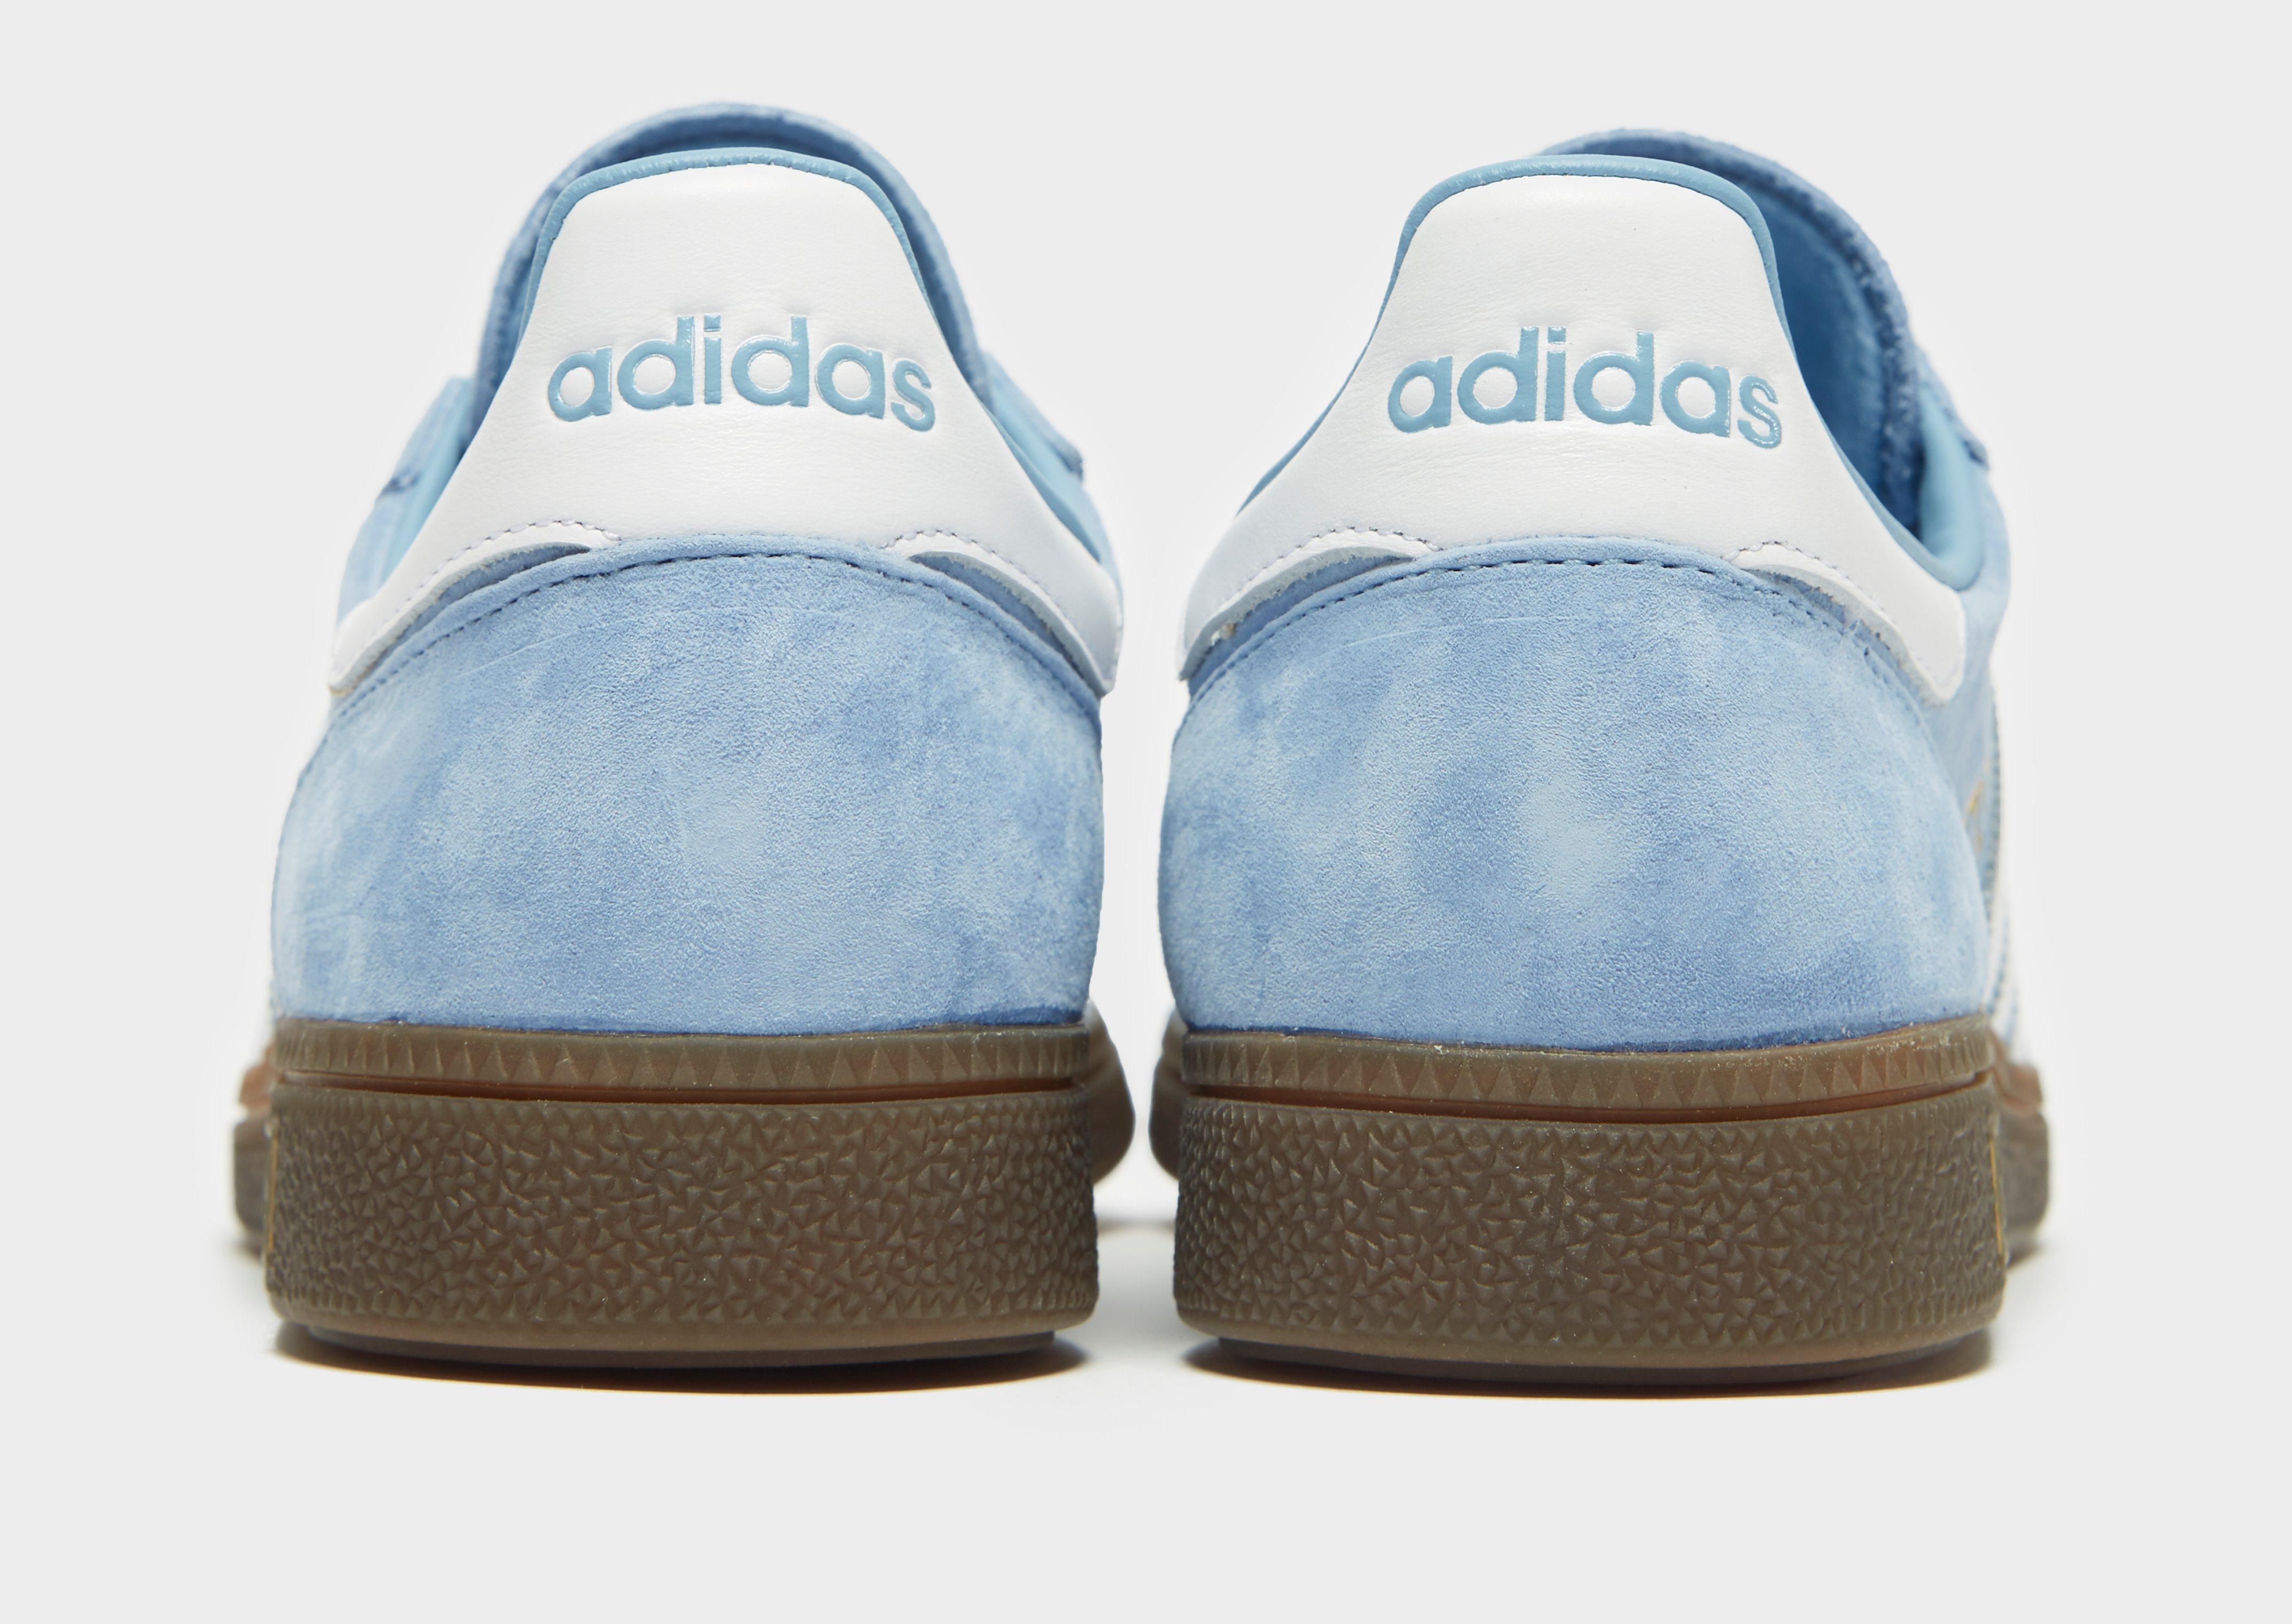 88be33d96240 Adidas Originals - Blue Handball Spezial for Men - Lyst. View fullscreen